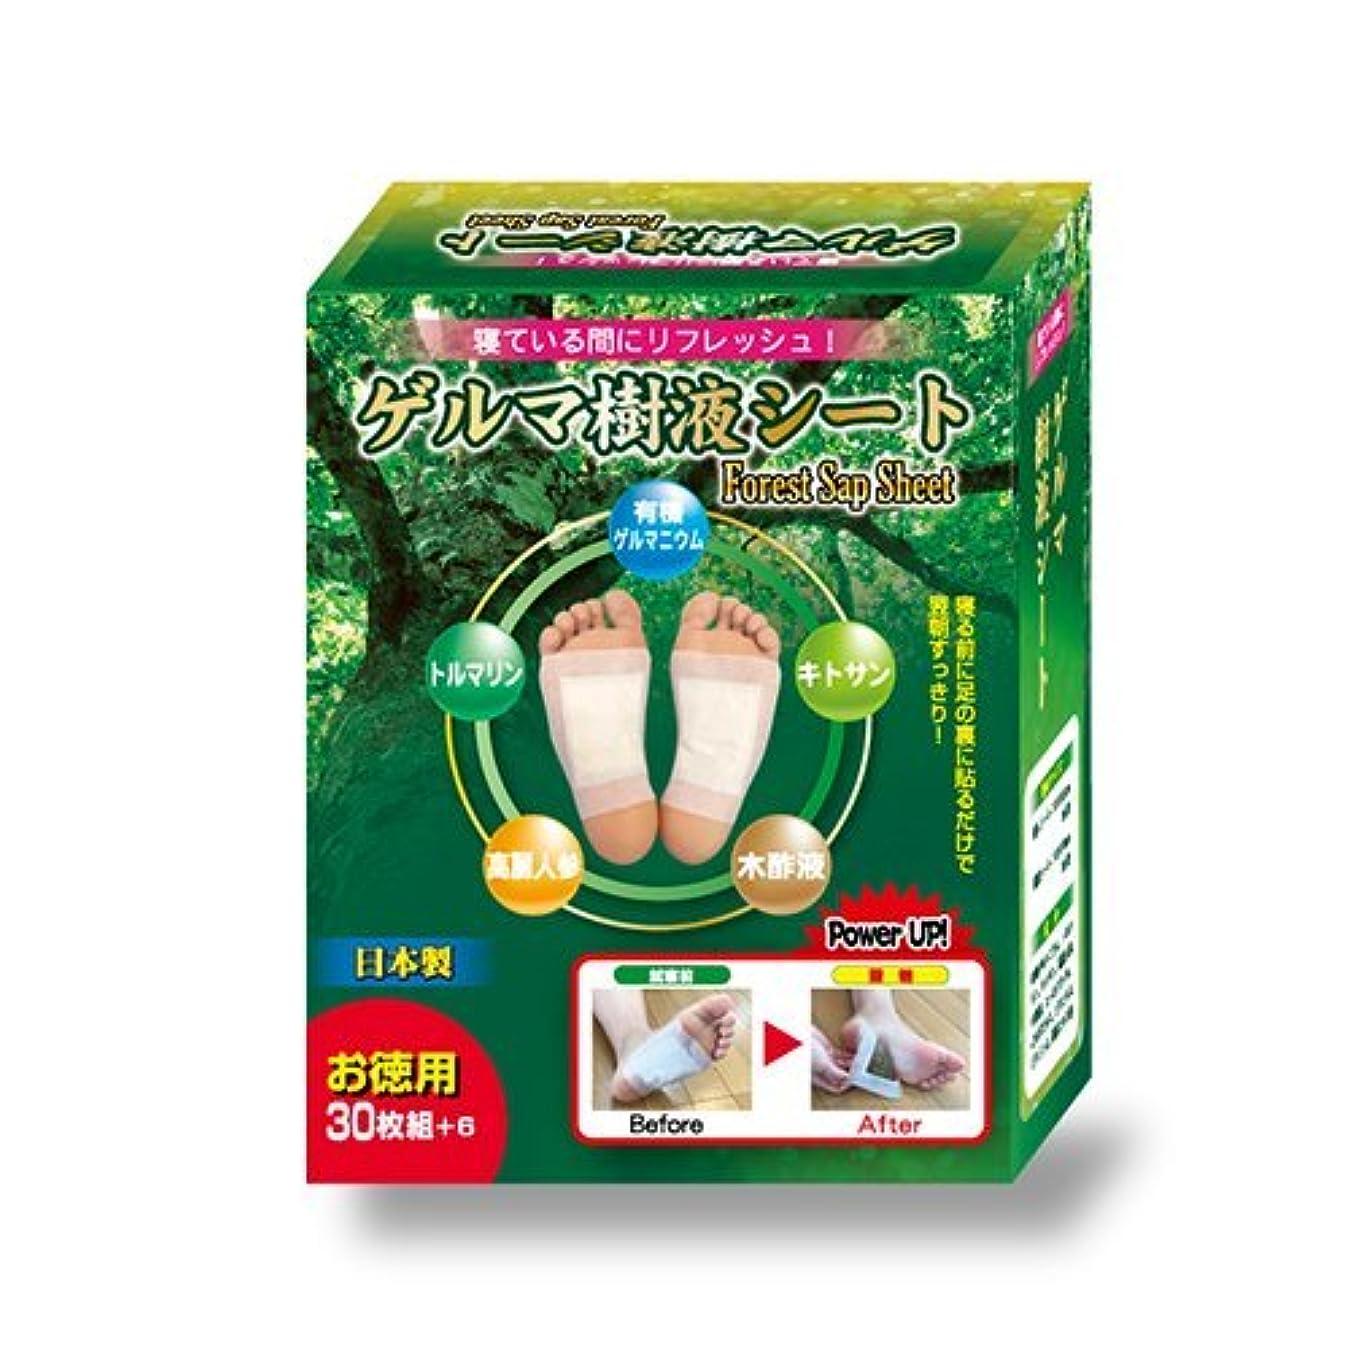 贅沢な有用バンゲルマ樹液シート (足裏シート) 30+6枚入り(Forest Sap Sheet) ‐ GK762314